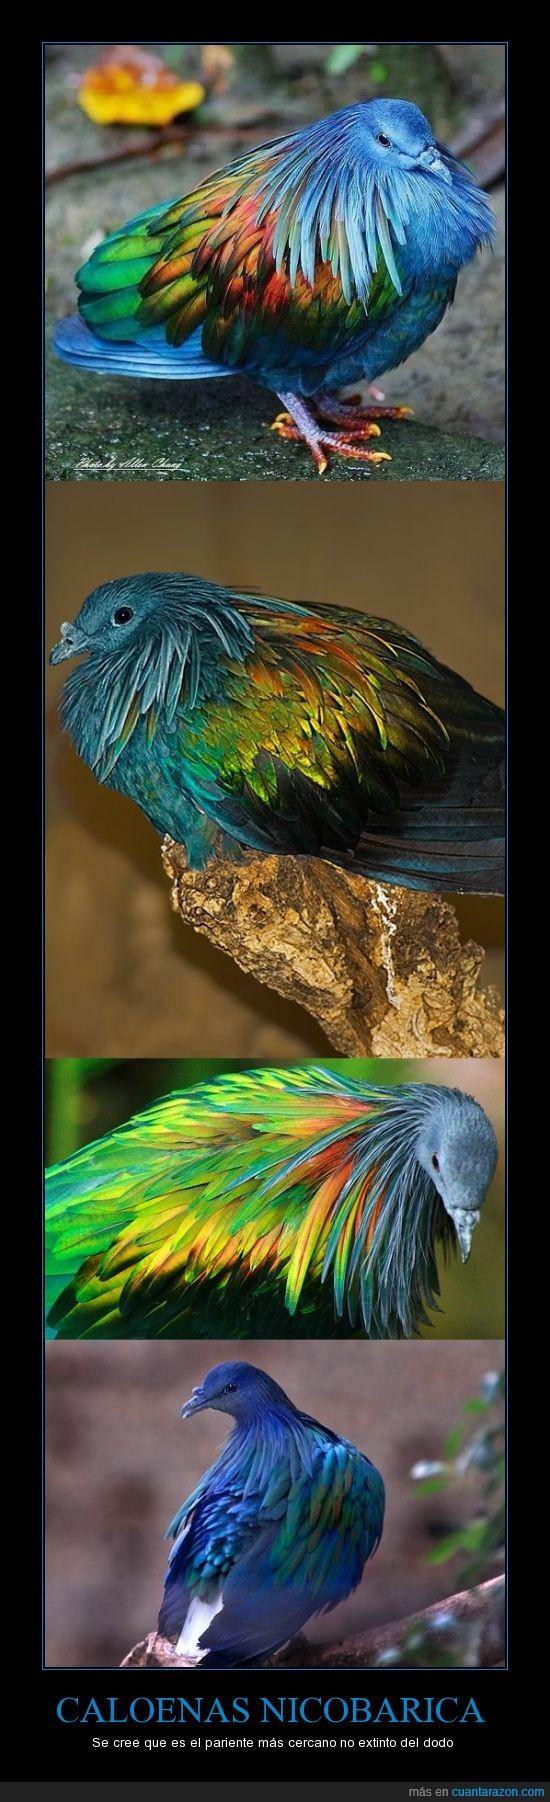 Caloenas nicobarica,dodo,el Bar de Nico,nunca me publican nada :(,paloma de nicobar,pariente,Raphus cucullatus